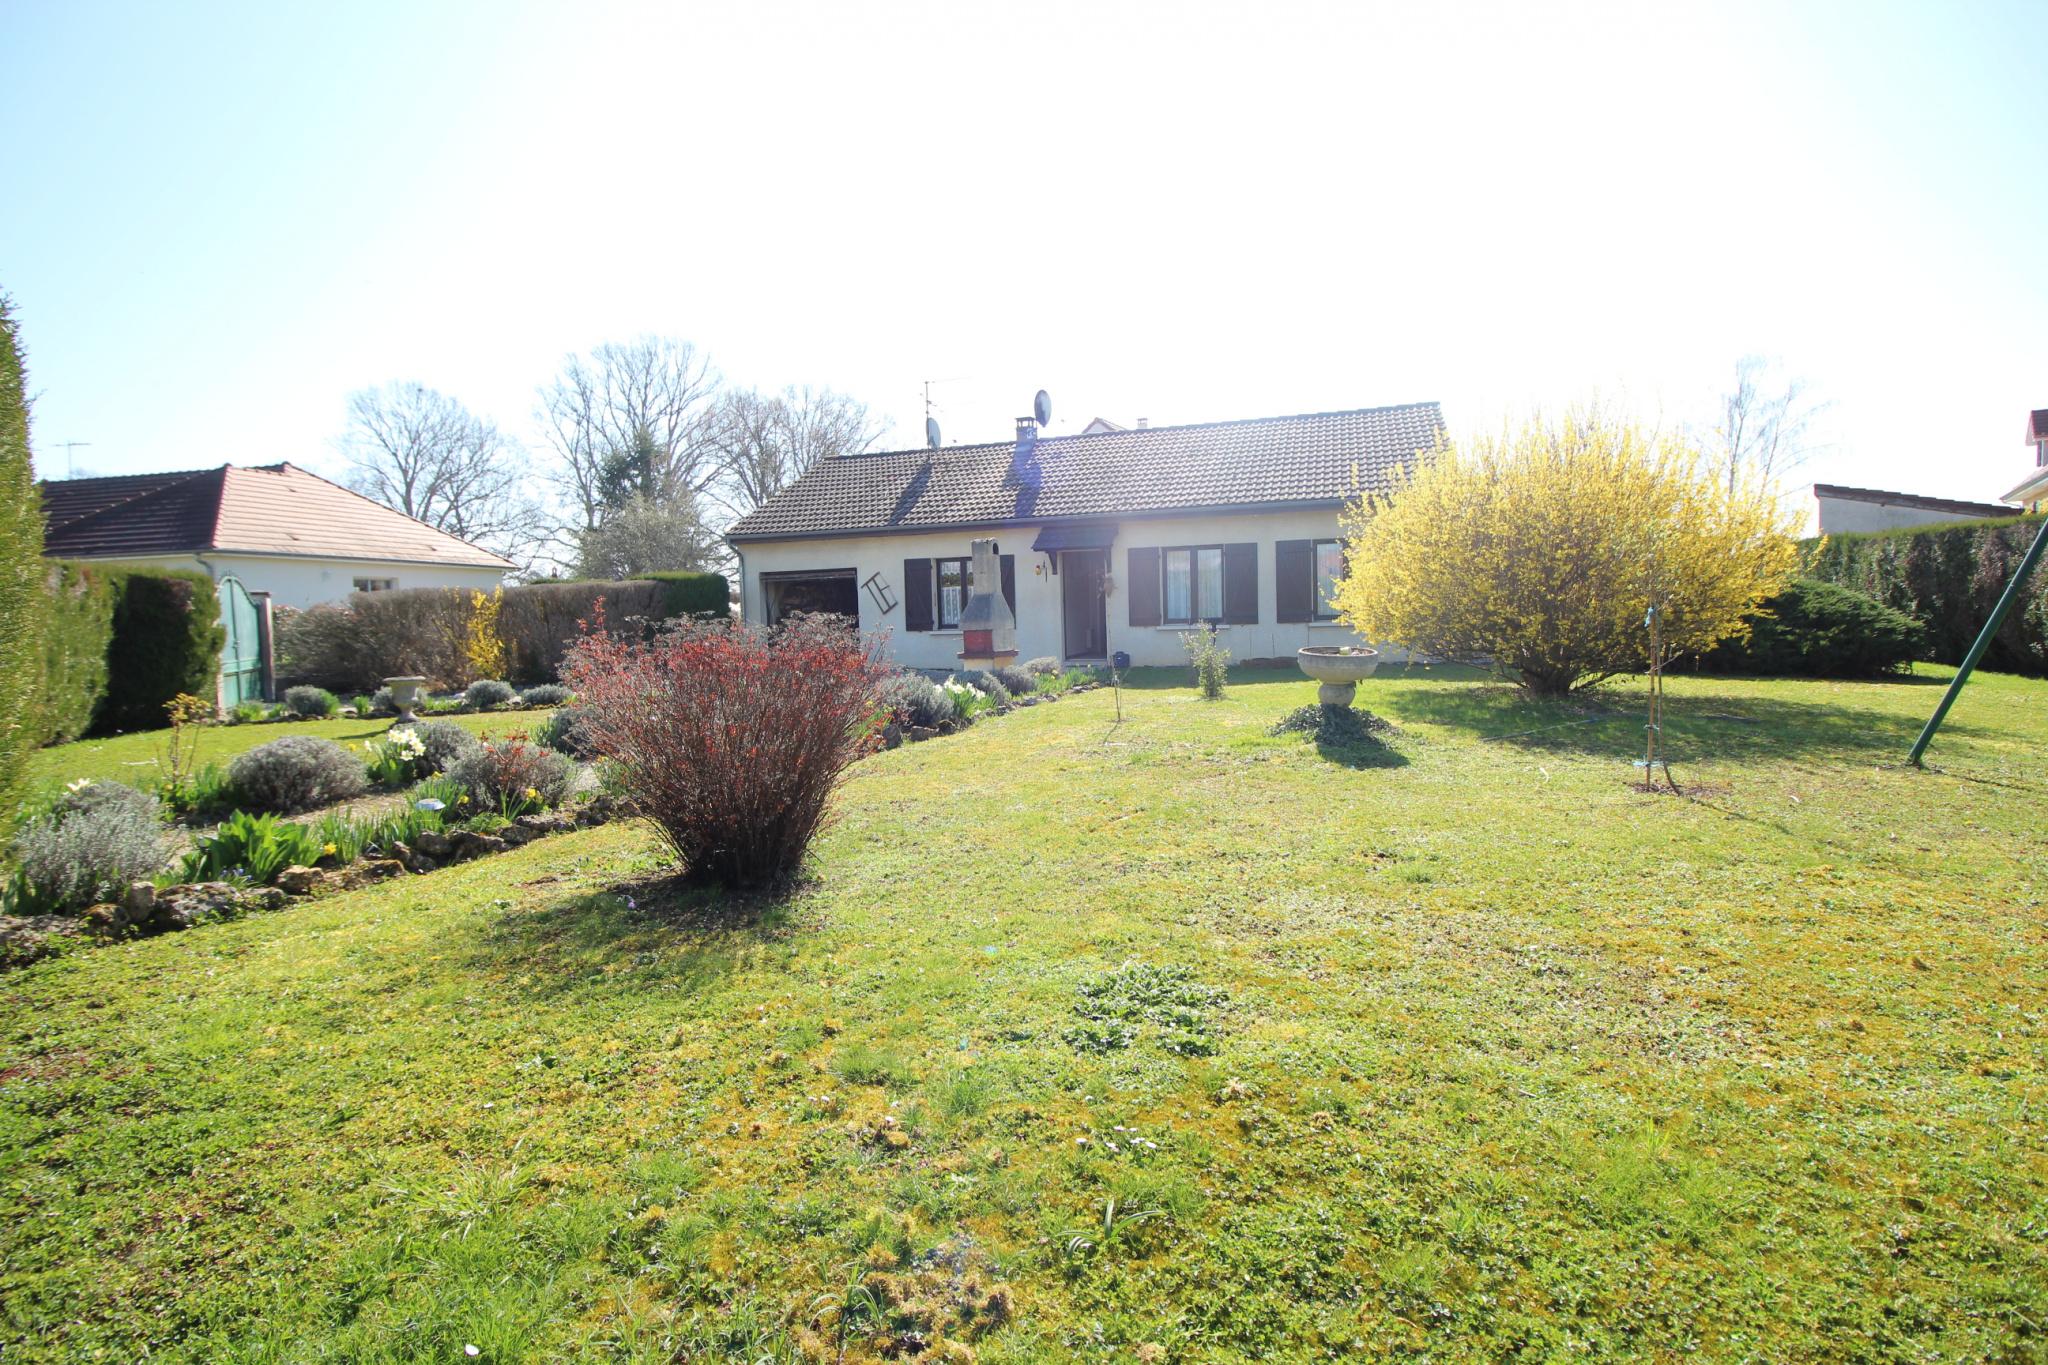 Vente maison/villa mirebeau sur beze